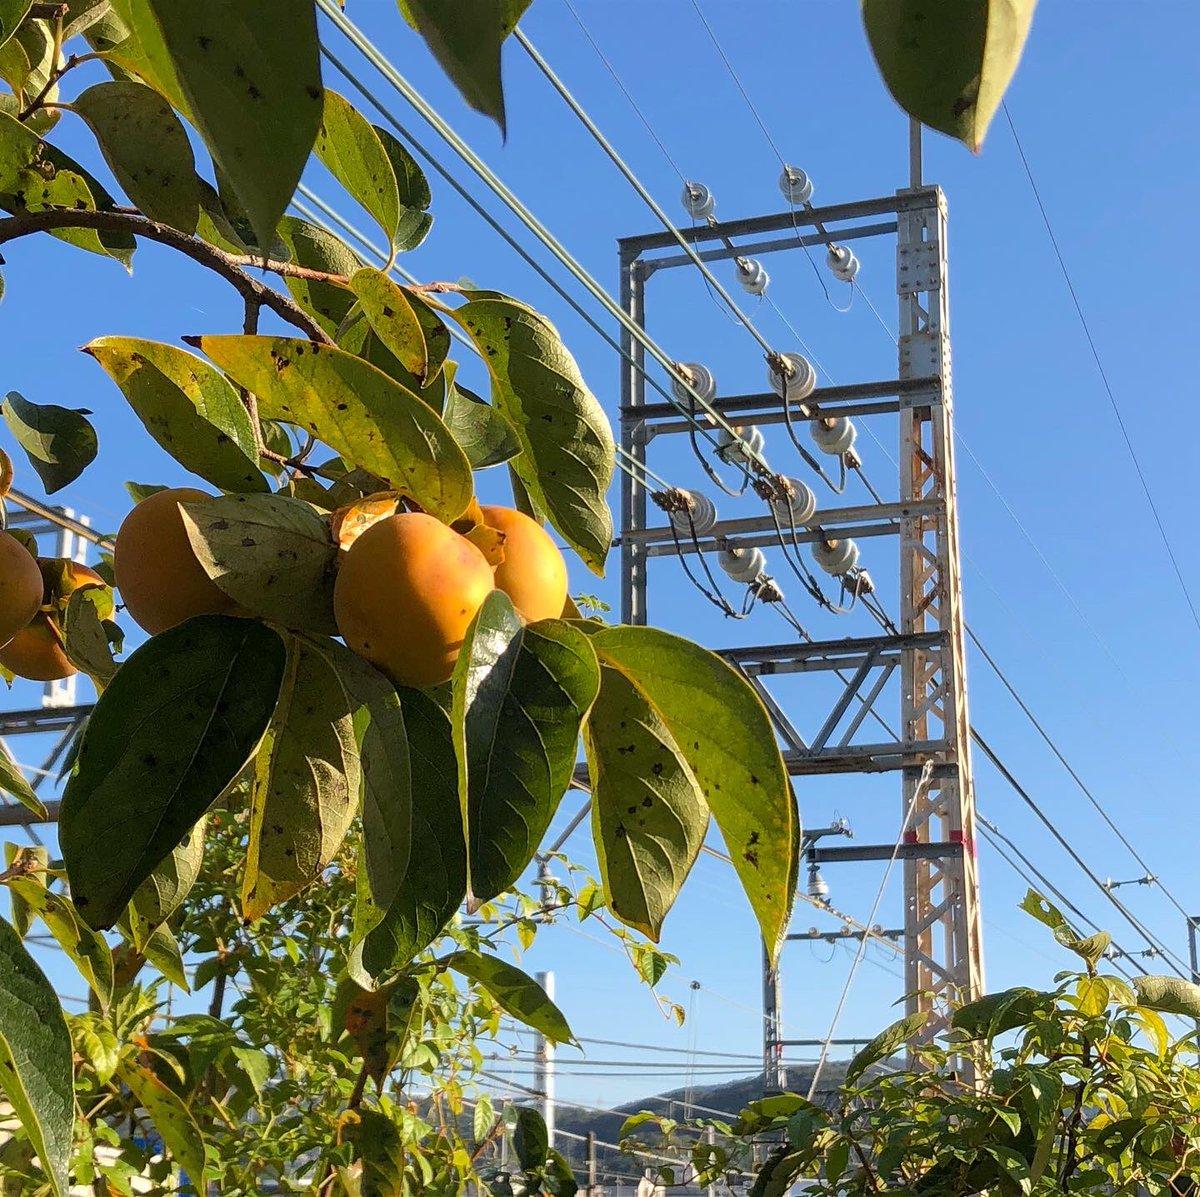 秋の彩り、柿の色付き。 うちのコや思うと何かうきうき。 渋柿かな思うてたけど、何かが食べたっぽい跡があるなぁ、鳥さんかな?  #persimmons #fall #autumn #autumncolor #autumnscene #plants #tree #fruit #nature #柿 #かき #カキ #果実 #柿色 #harvest  https://t.co/fg5TJ75fYI https://t.co/iLOBasfKsM